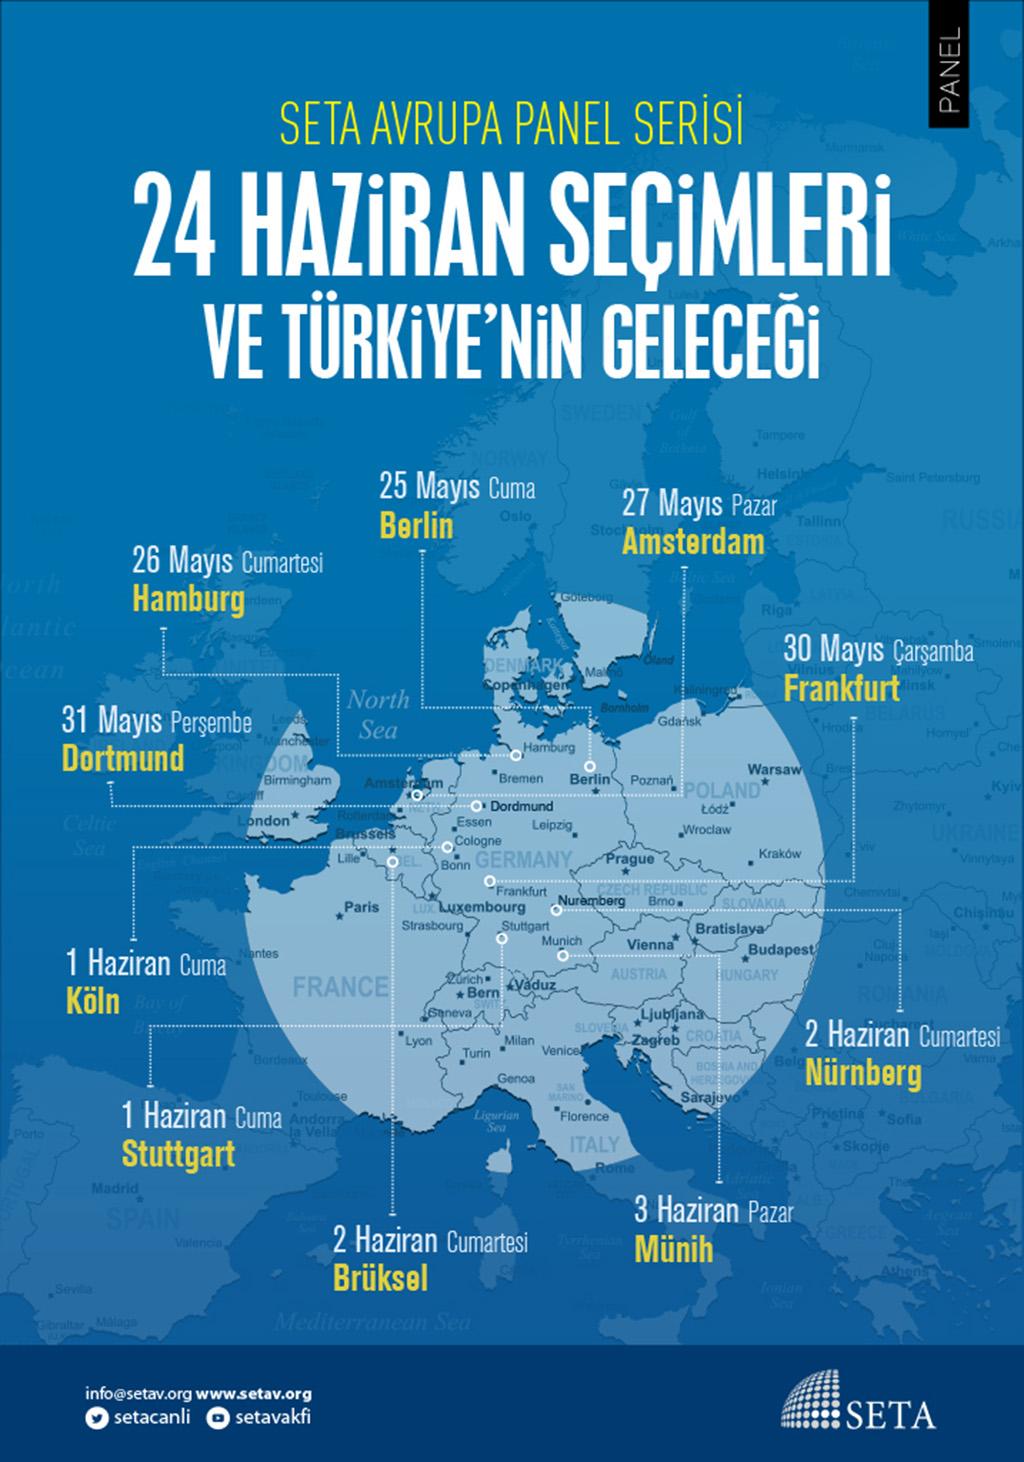 24 Haziran Seçimleri ve Türkiye'nin Geleceği SETA Avrupa Panel Serisi